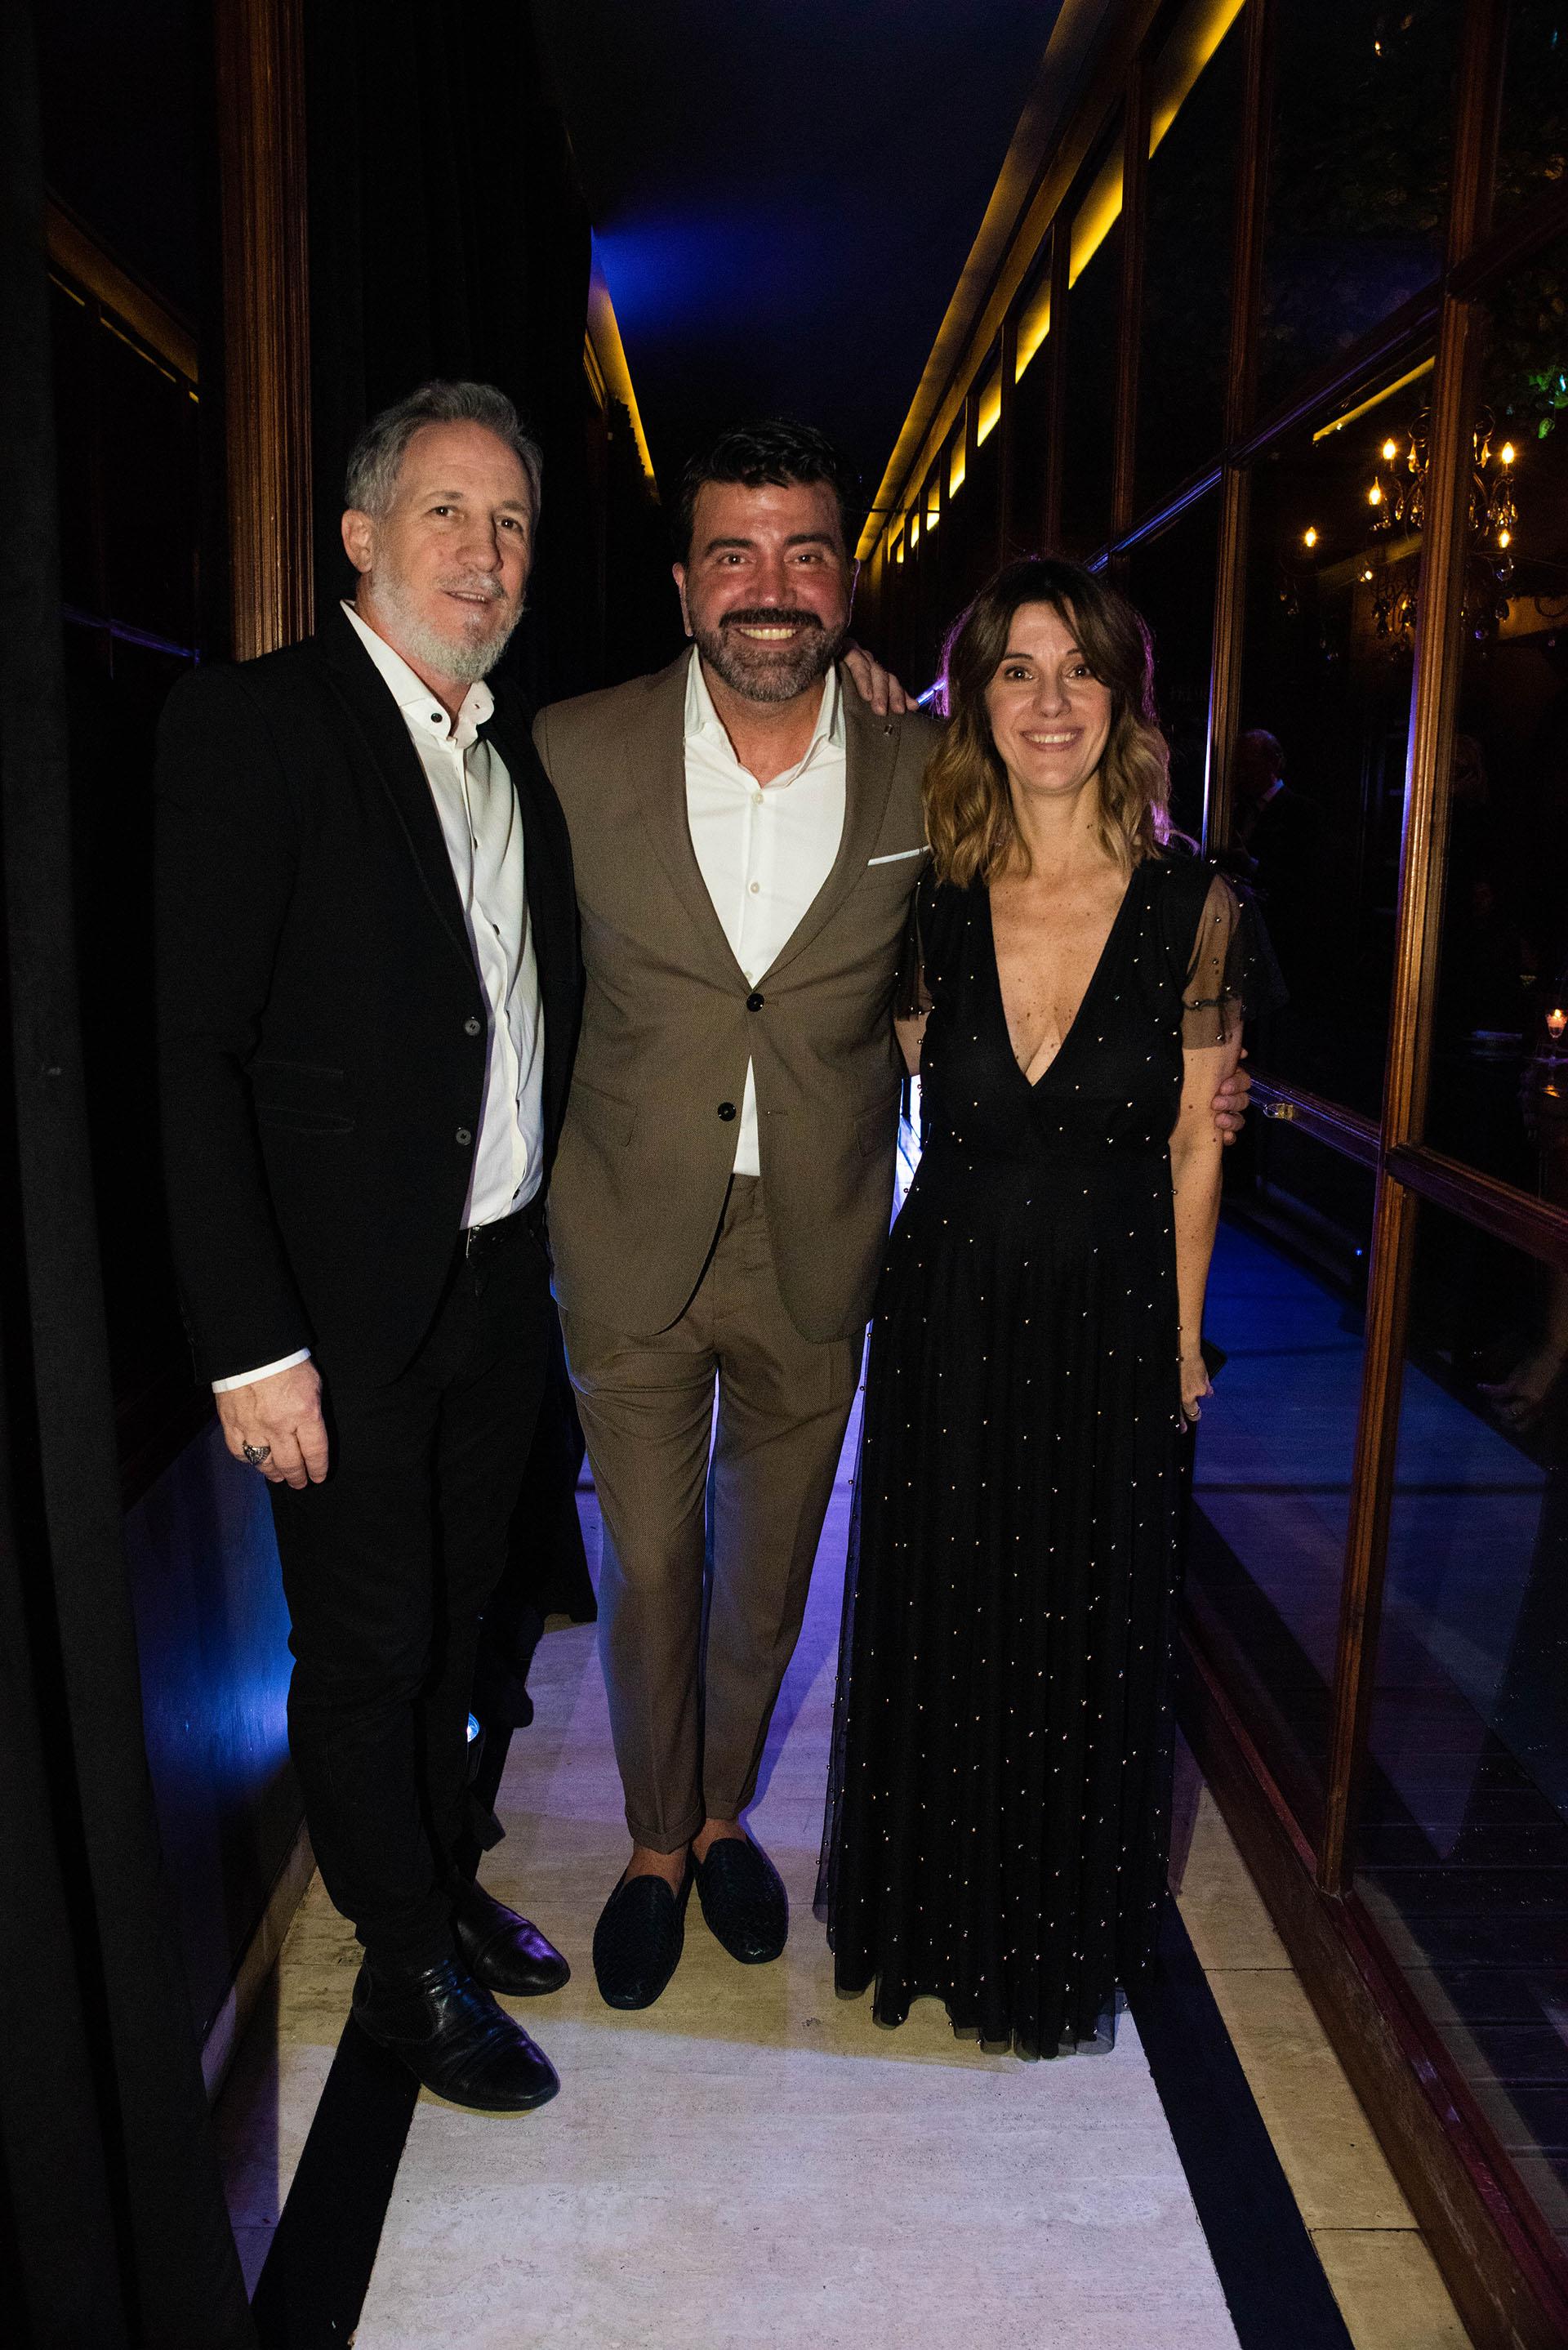 Mariano Maciel, Javier Saiach y Alejandra Alburquerque